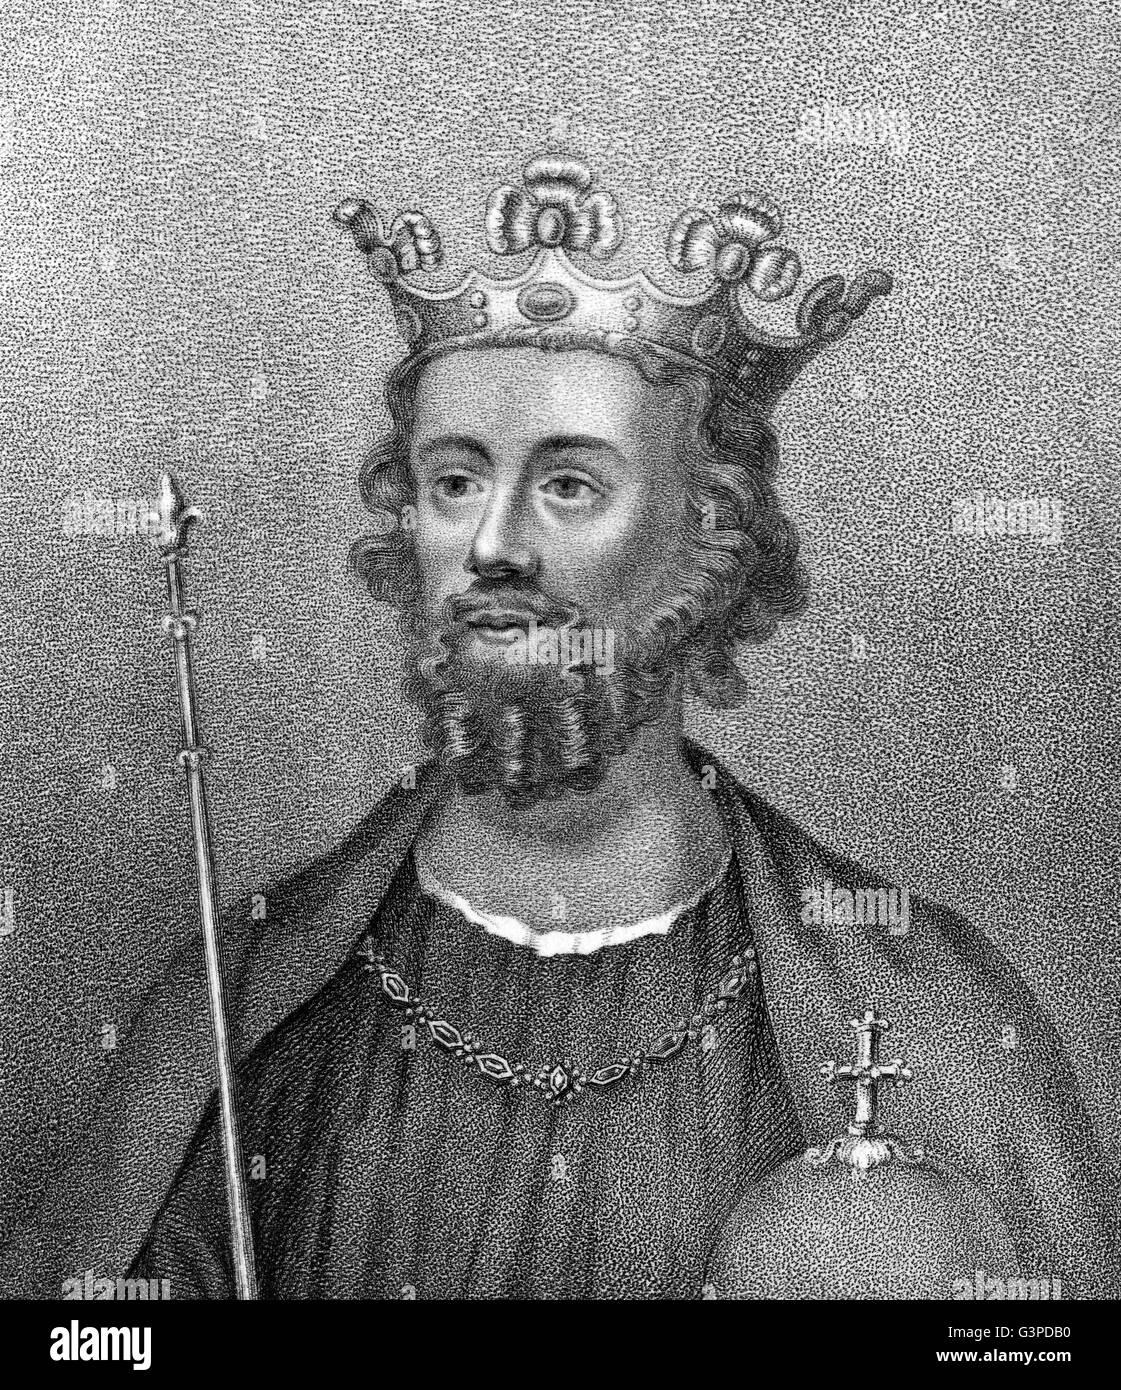 Edward II, Edward of Caernarfon, 1284-1327, King of England - Stock Image